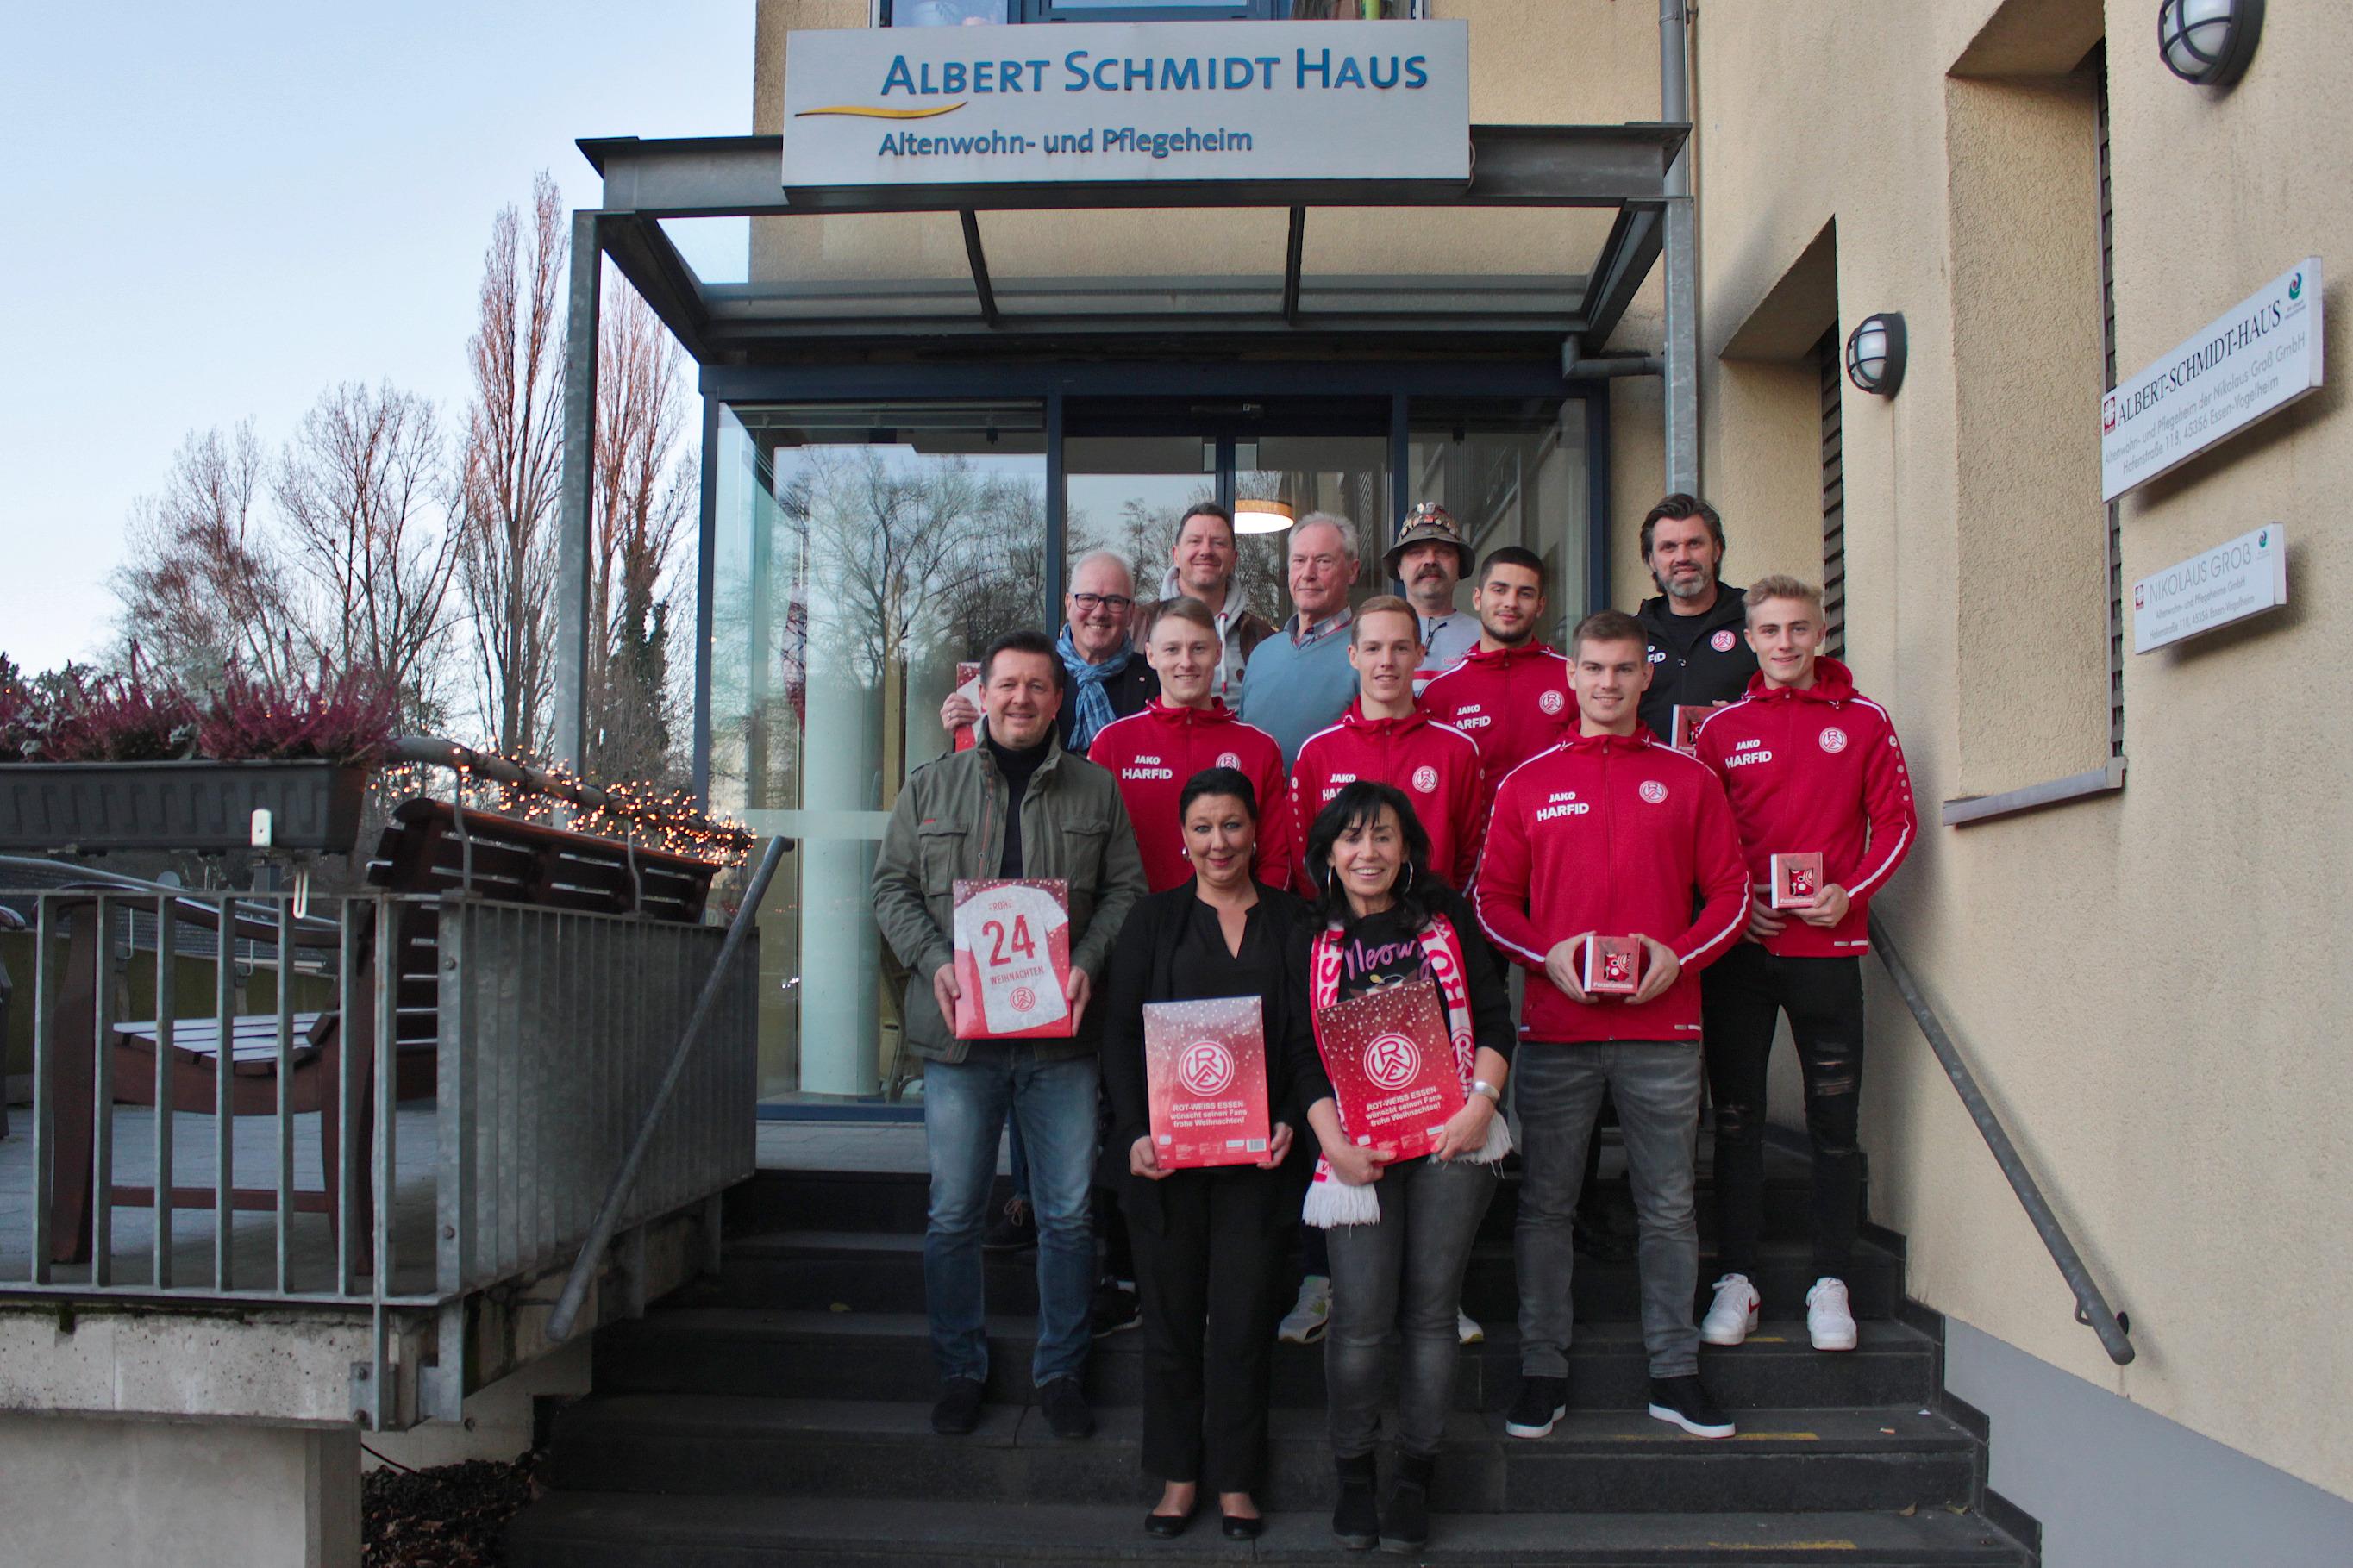 """Schöner Nachbarschaftsbesuch: Essener Chancen und Rot-Weiss Essen waren mit den """"Herzenswünschen on Tour"""" im Albert Schmidt Haus zu Gast. (Foto: Müller/EC)"""